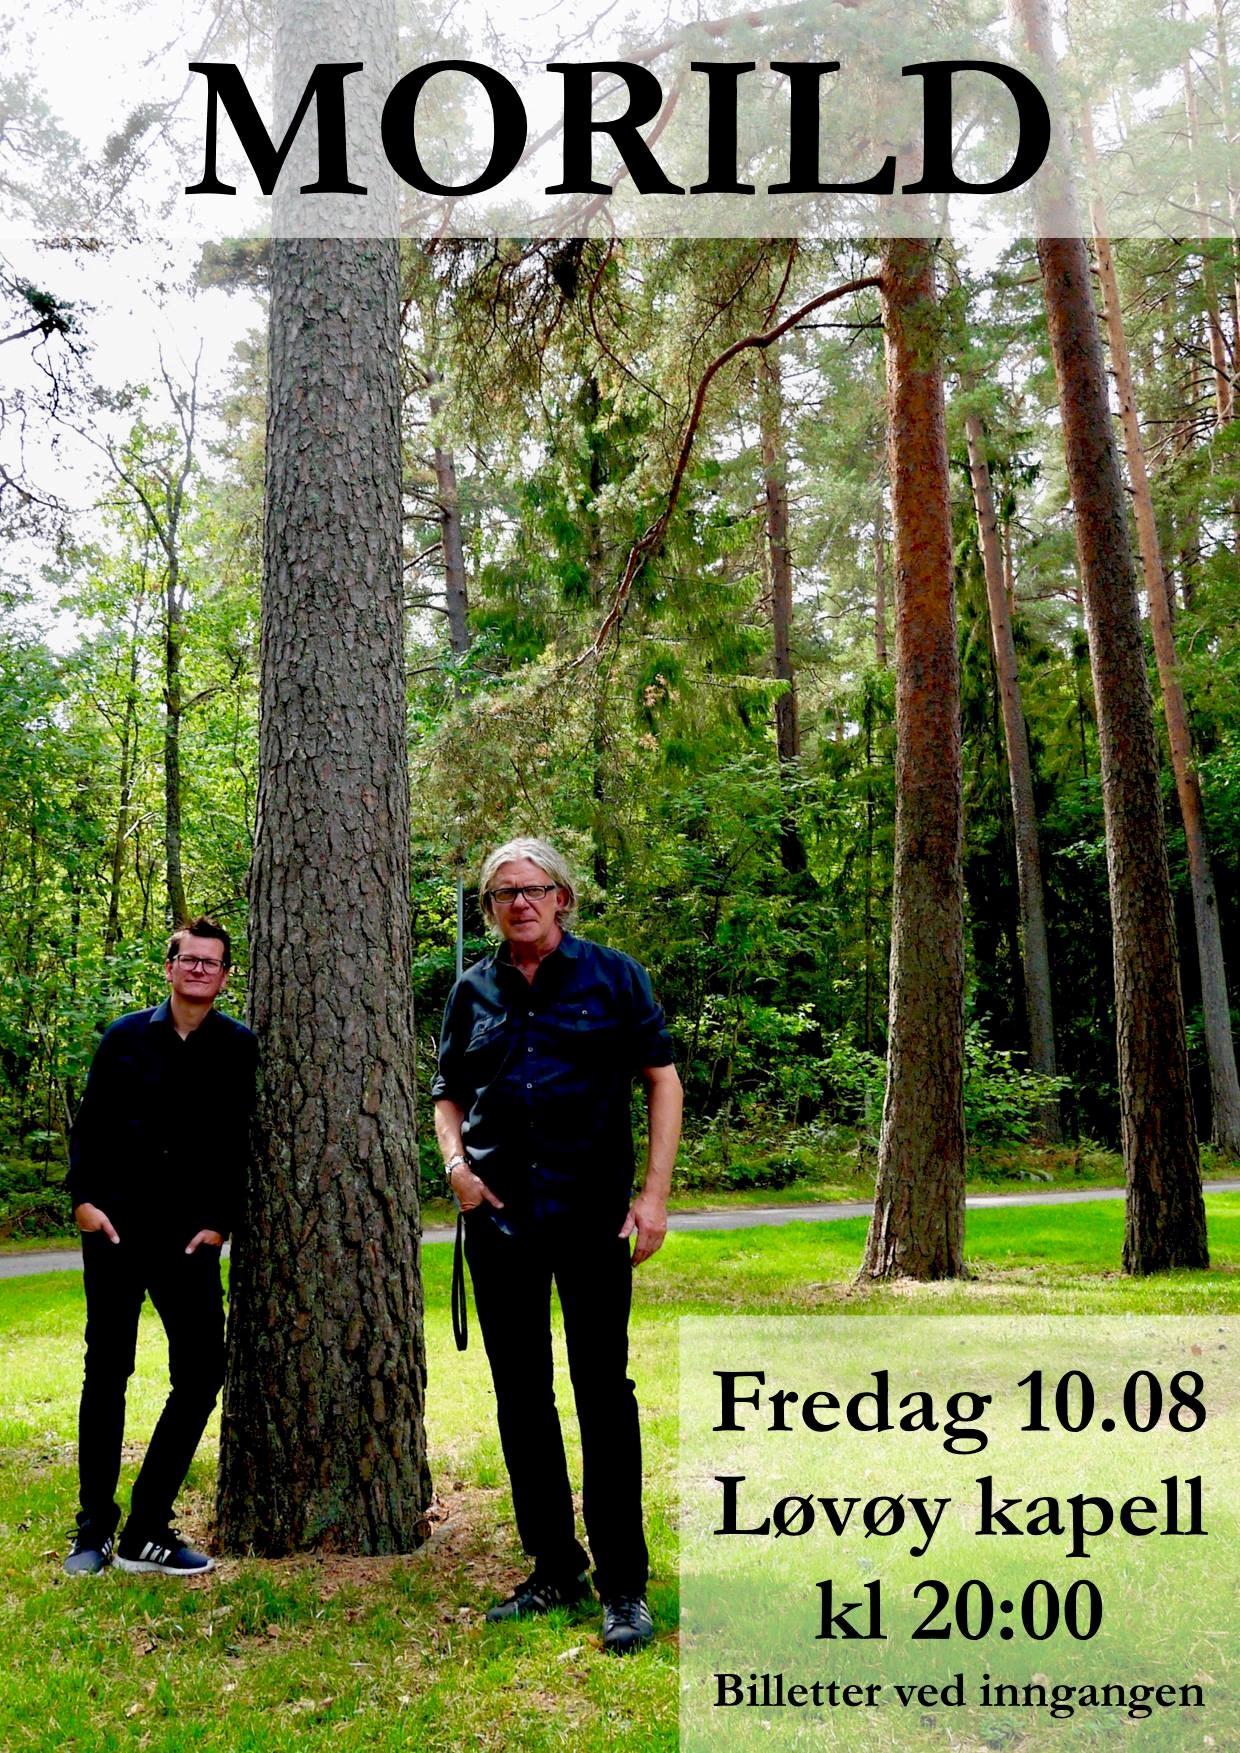 Konsert med Morild i Løvøy kapell